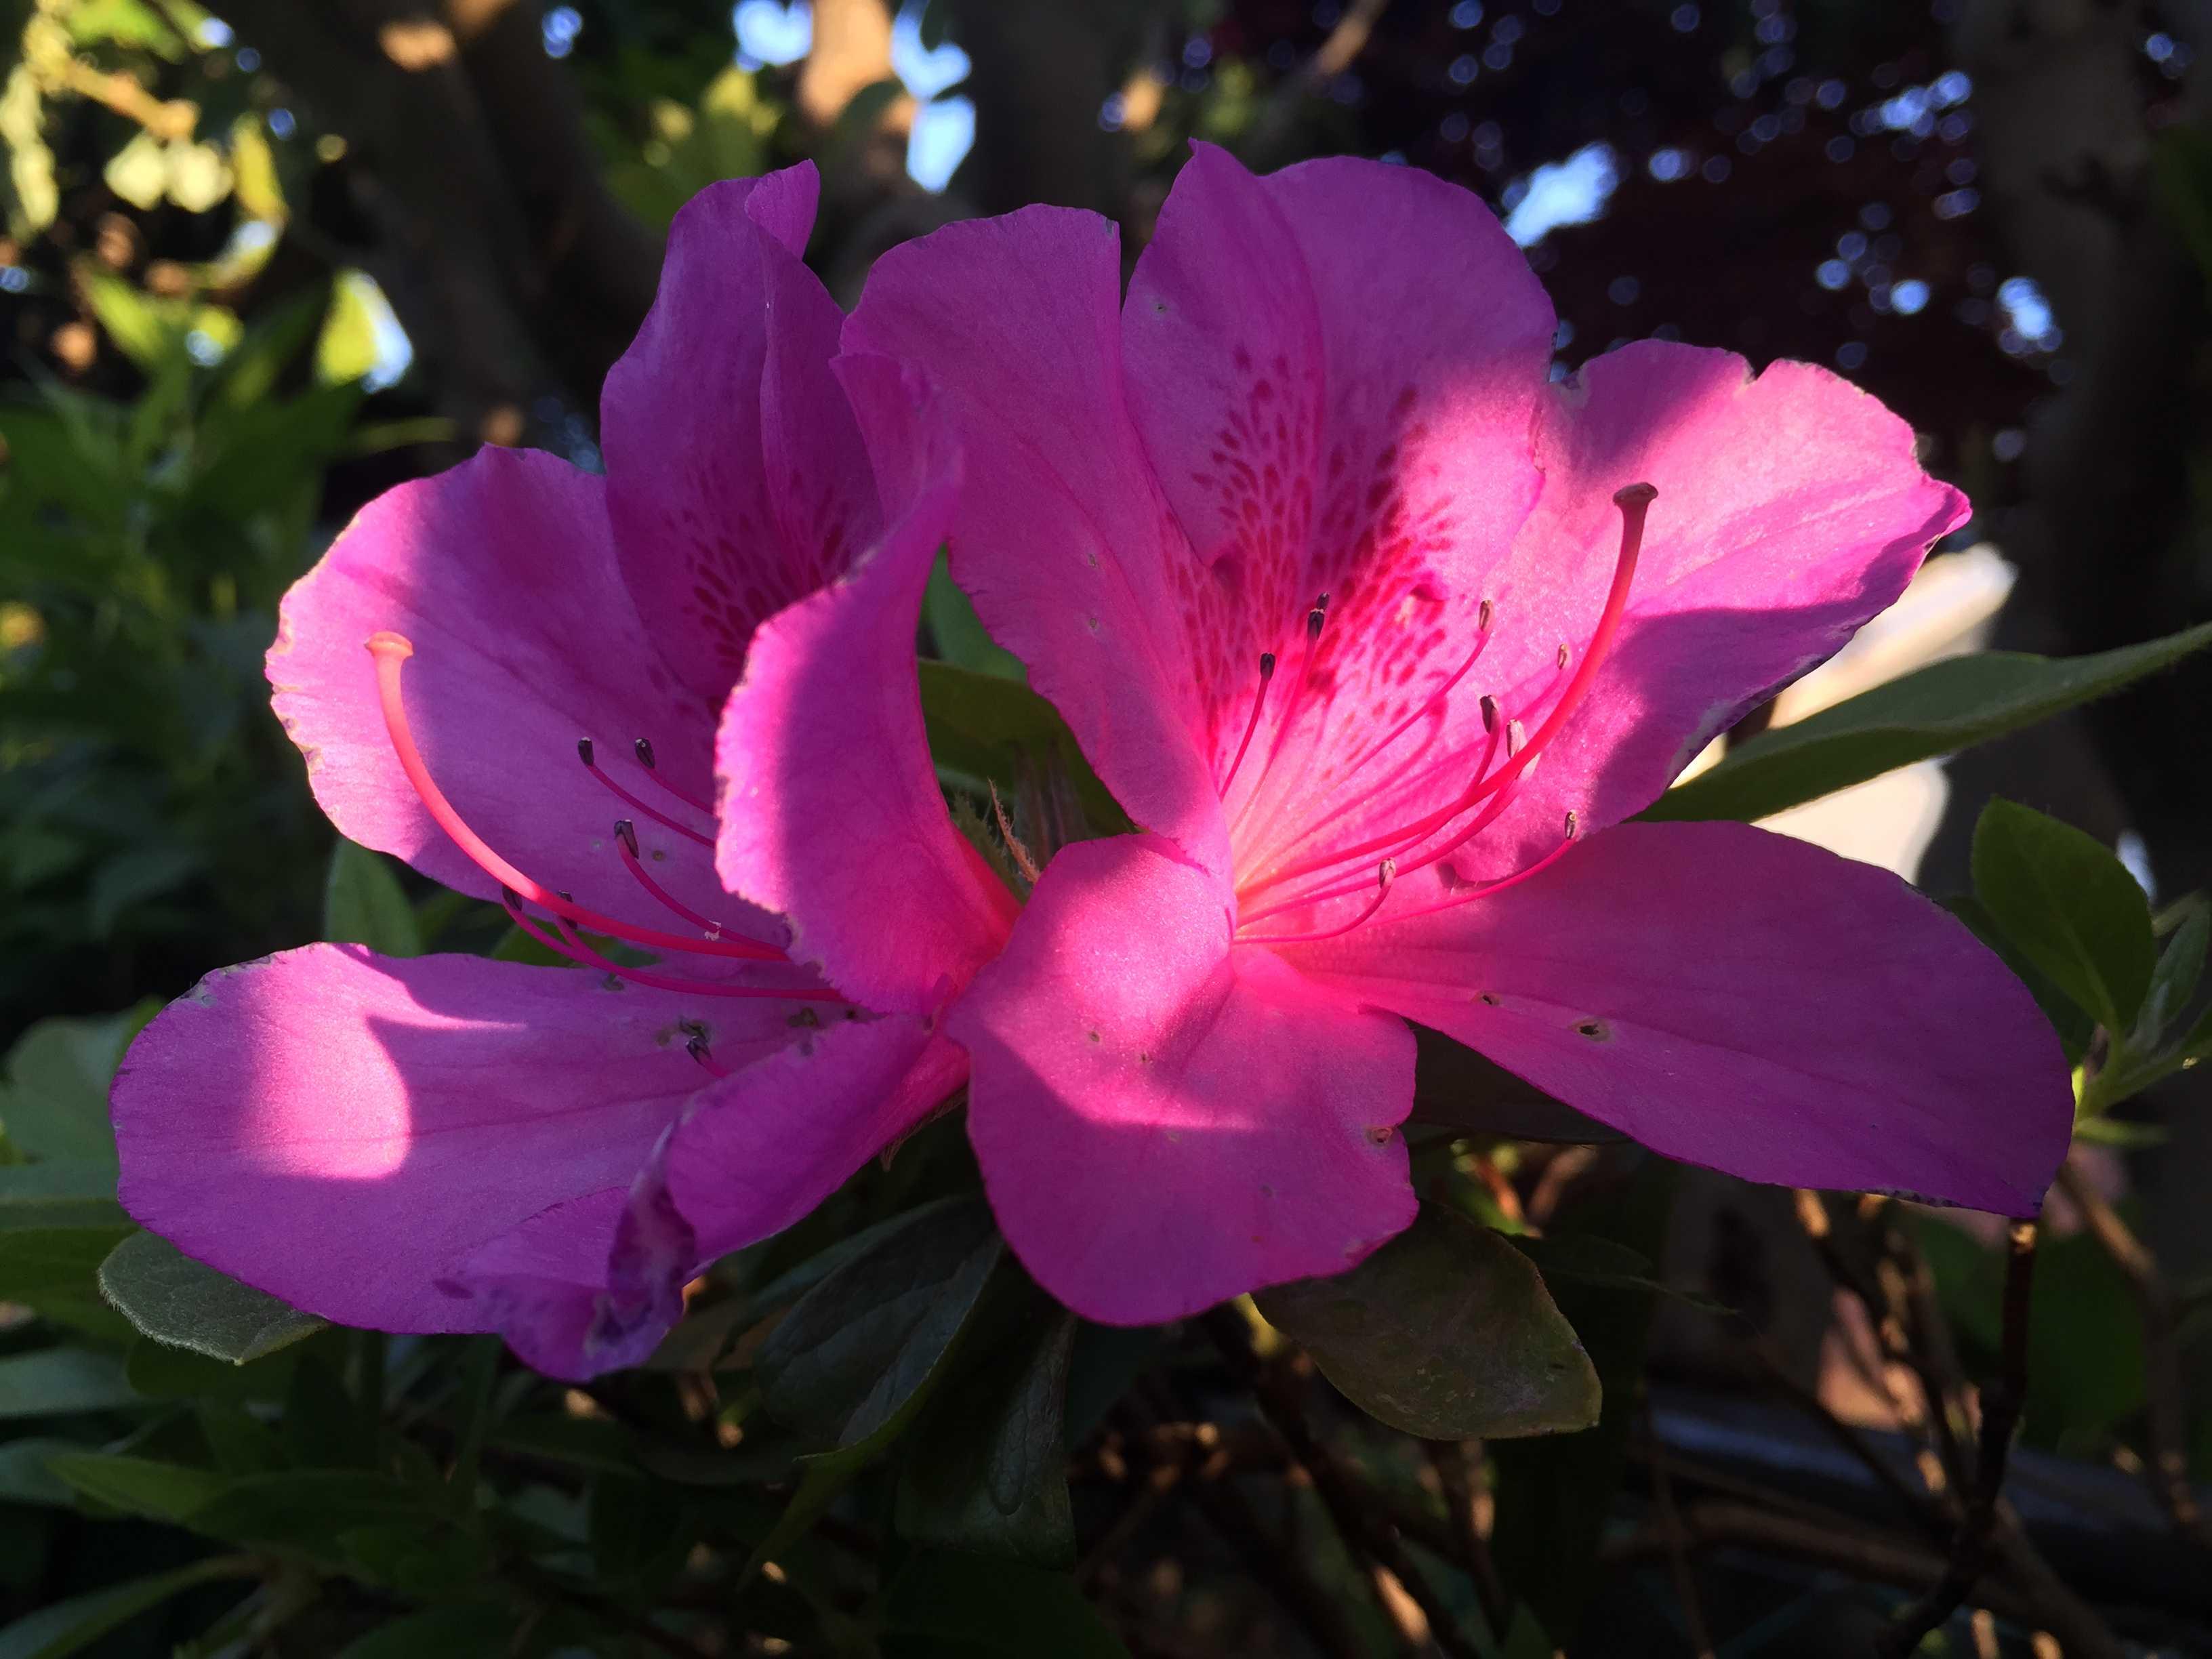 ブロッチが美しいピンクのツツジ